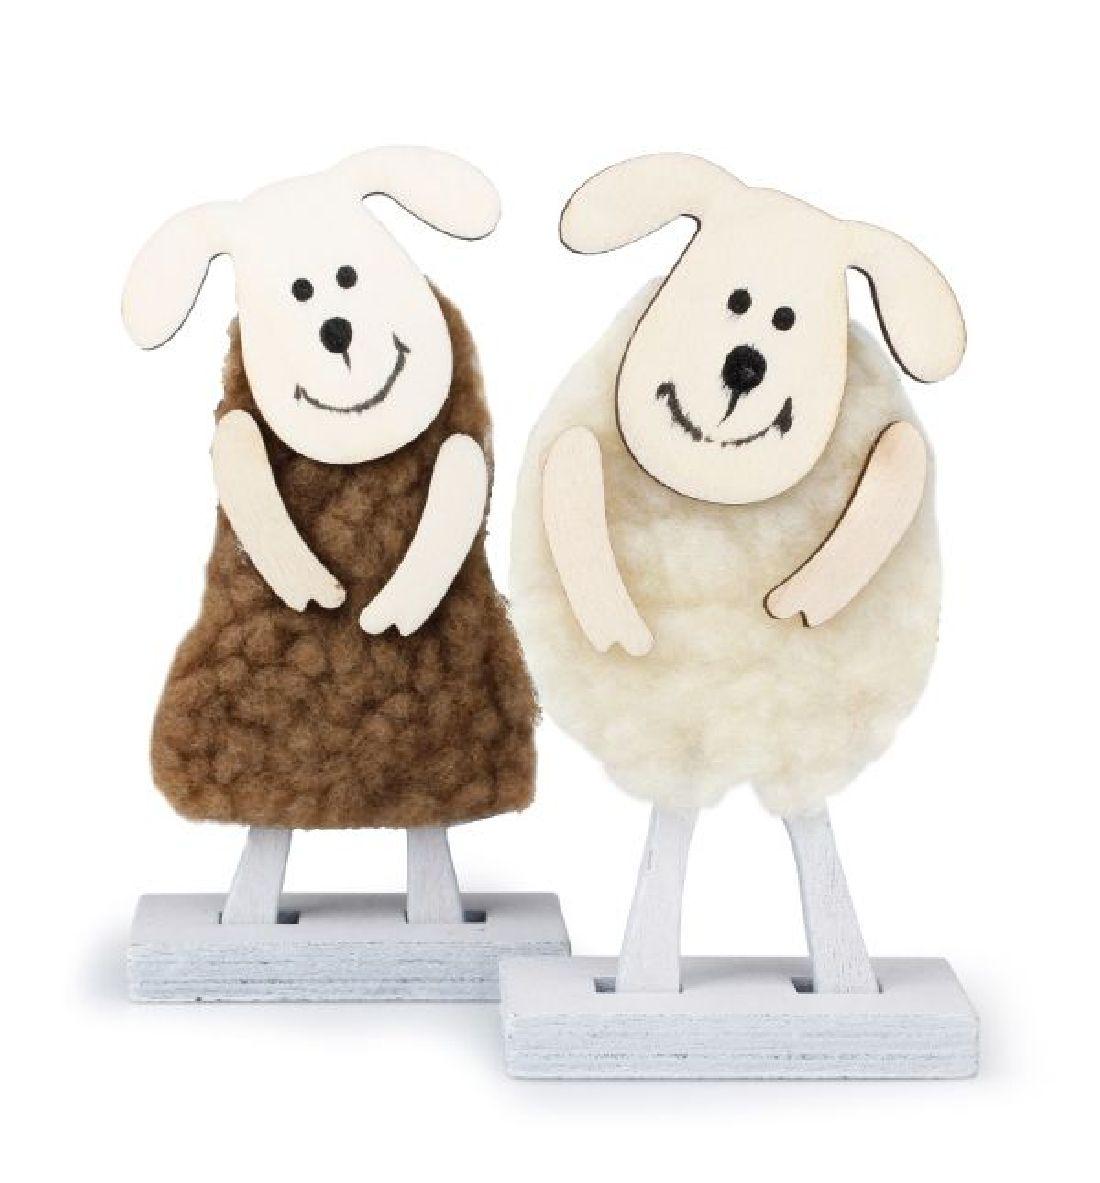 Schaf Wolle 7761015 CREME-BRAUN 8 Stück B:5cm H:10cm Holz-Filzwolle